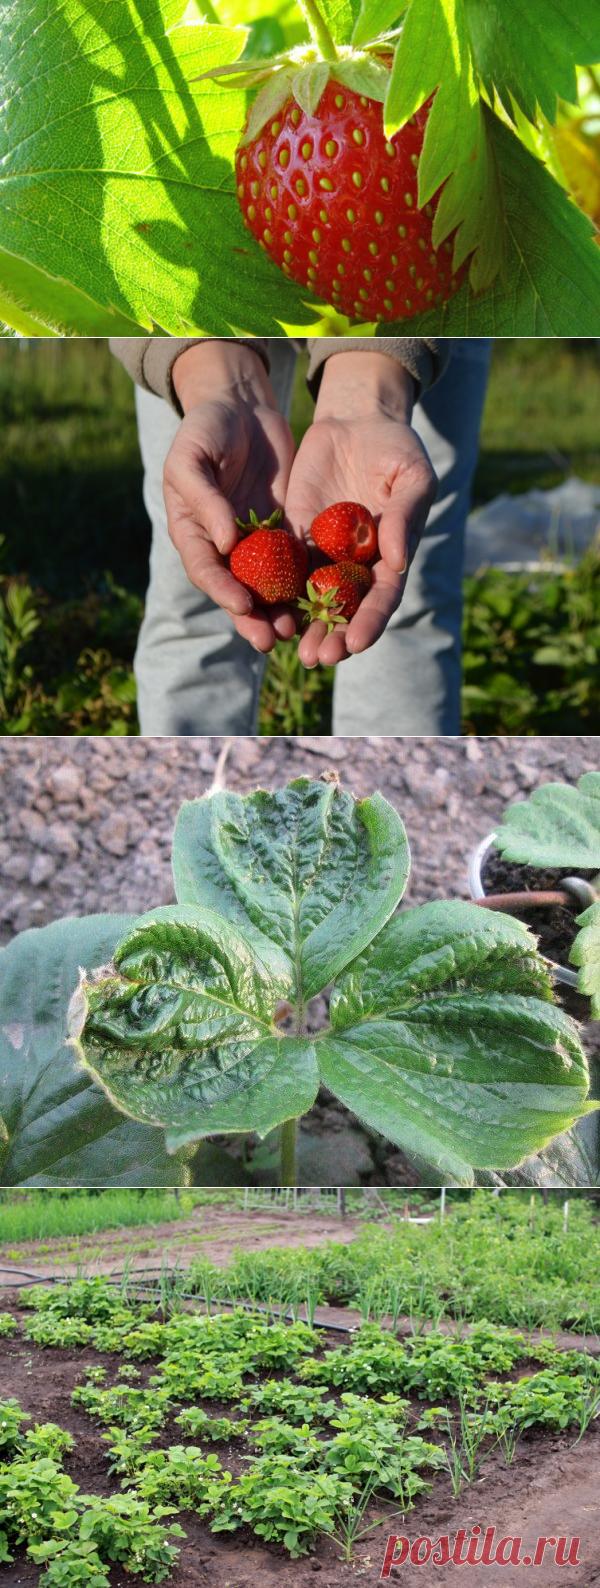 Как ухаживать за клубникой (садовой земляникой) на дачном участке? | Растения